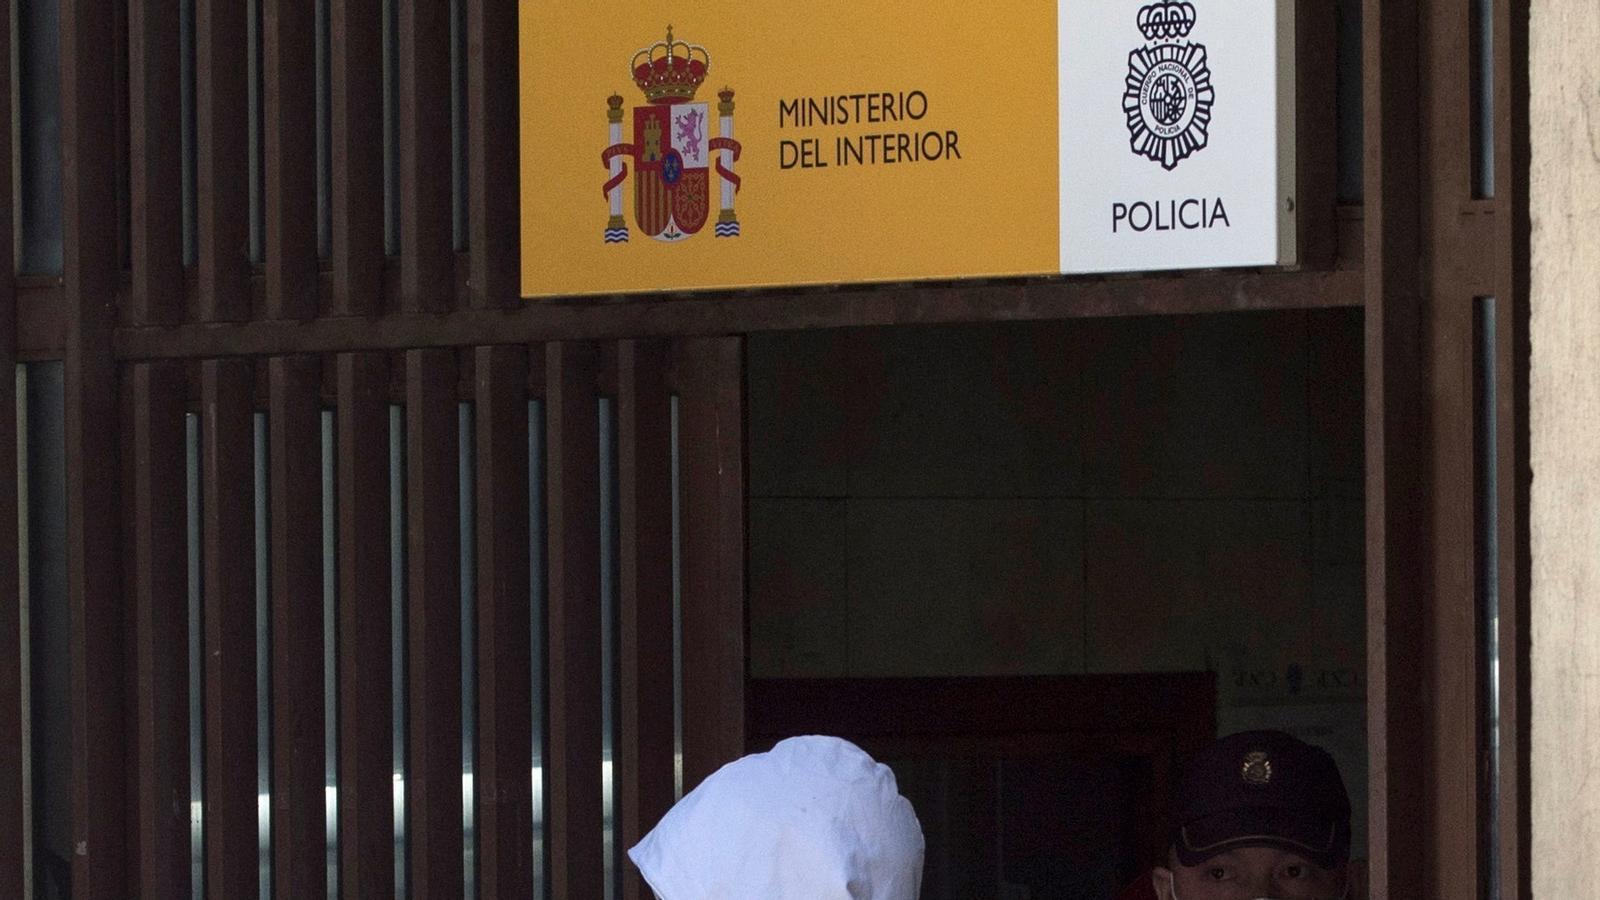 Rafael Amargo a la sortida de la comissaria del districte centre de Madrid en direcció als jutjats de la Plaça de Castilla, on va declarar acusat de tràfic de drogues i pertinença a organització criminal